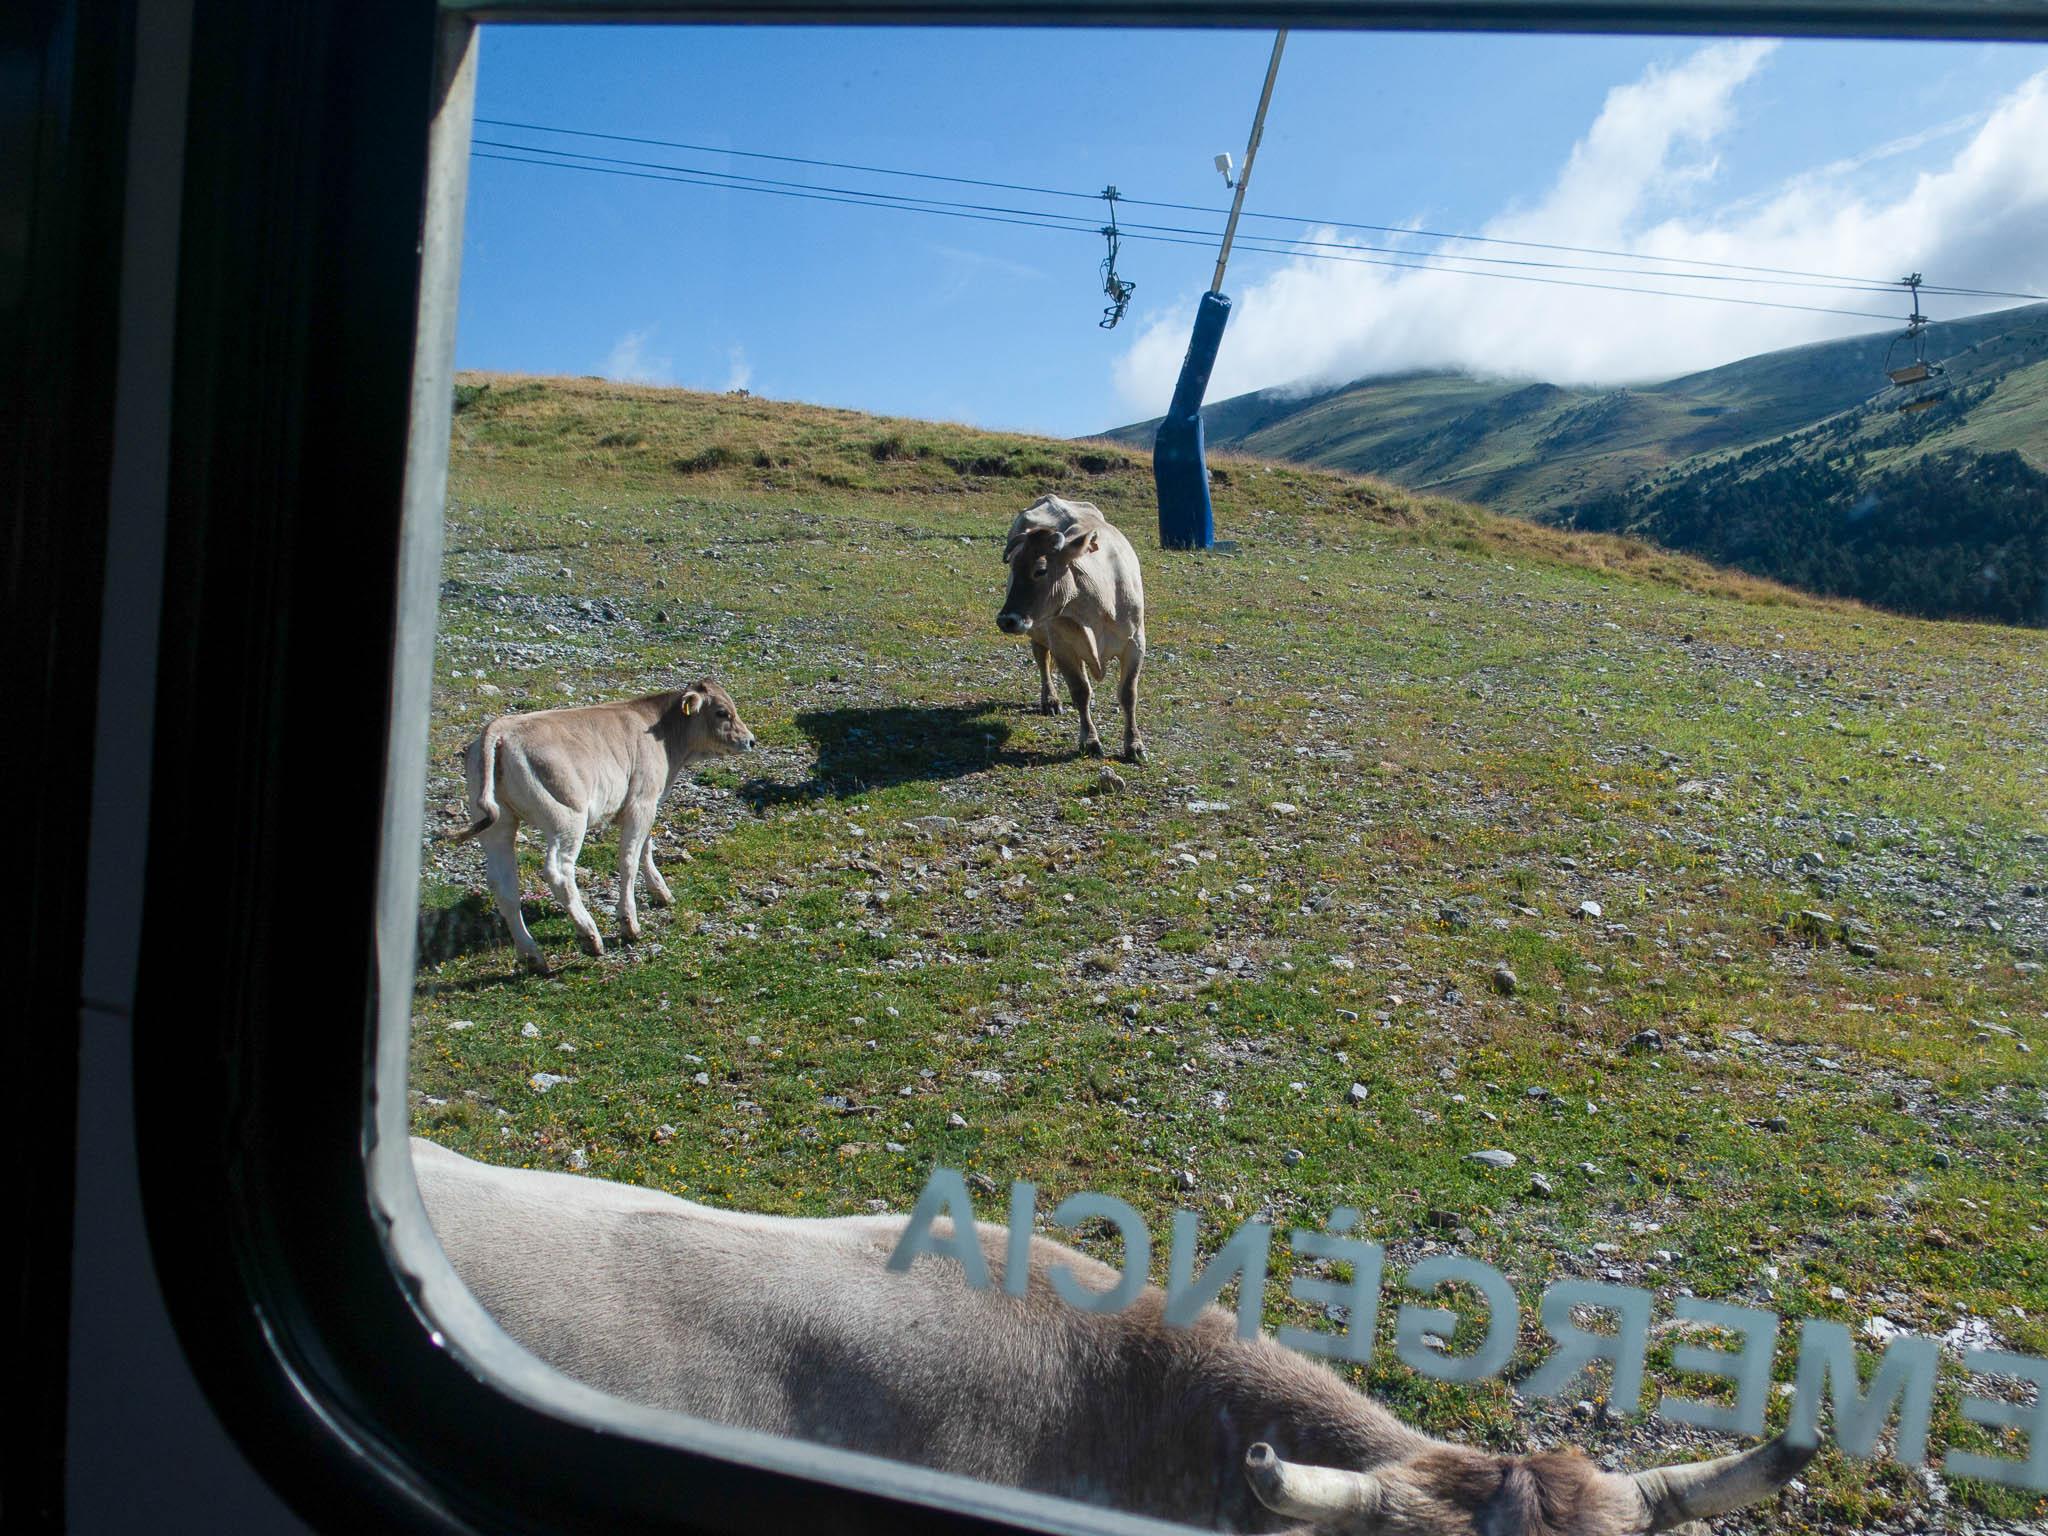 Kühe auf dem Berg, fotografiert vom Bus aus, im Hintergrund Sessellift